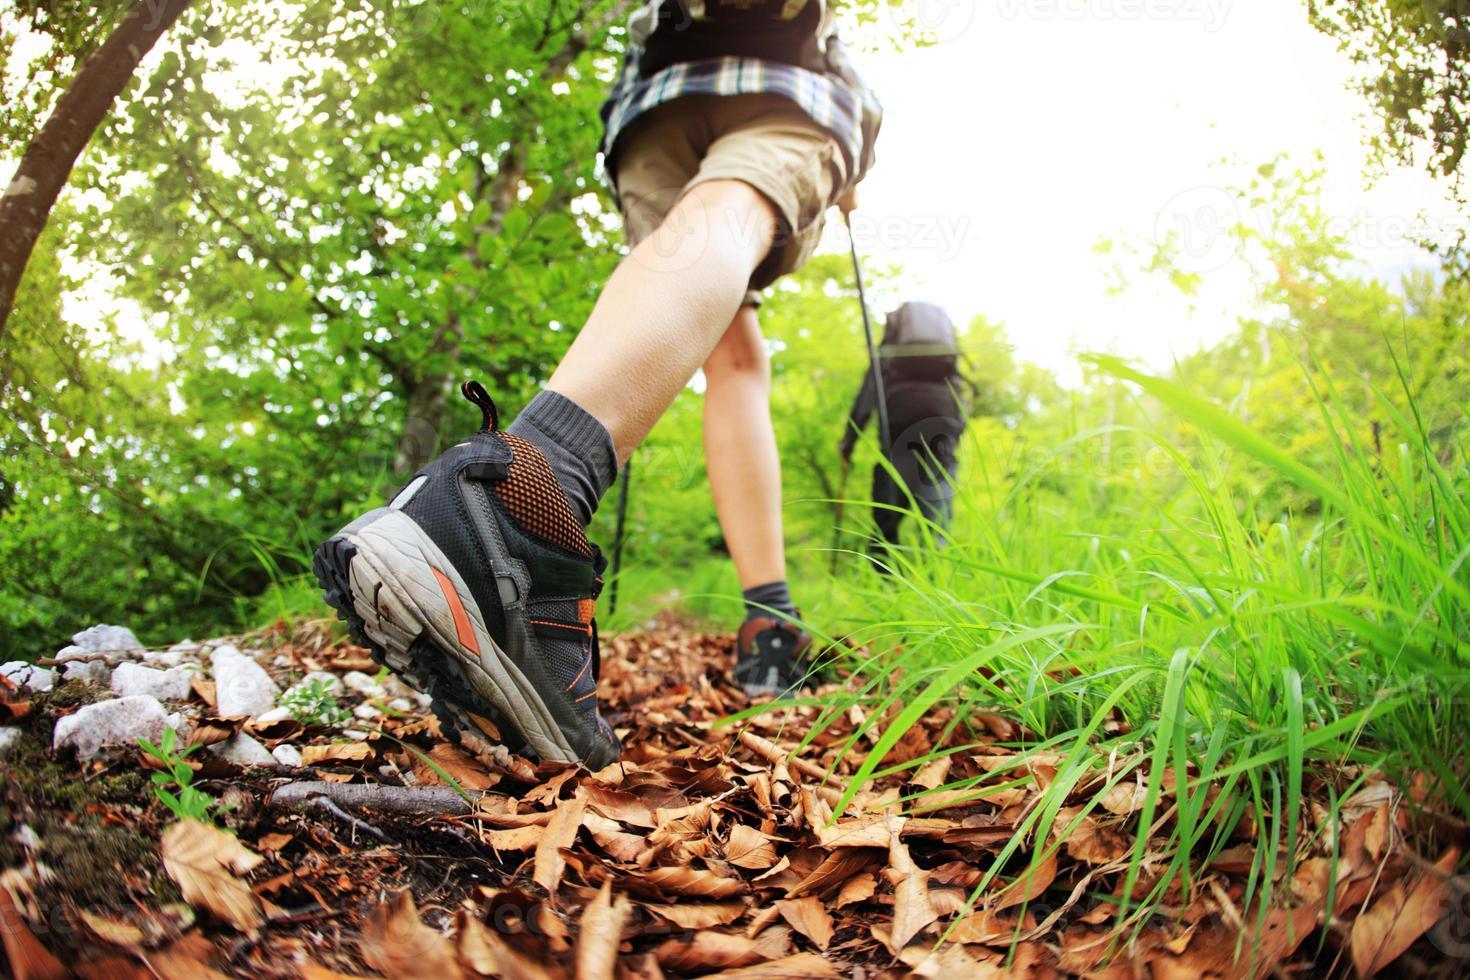 nordic walking benen in de bergen foto